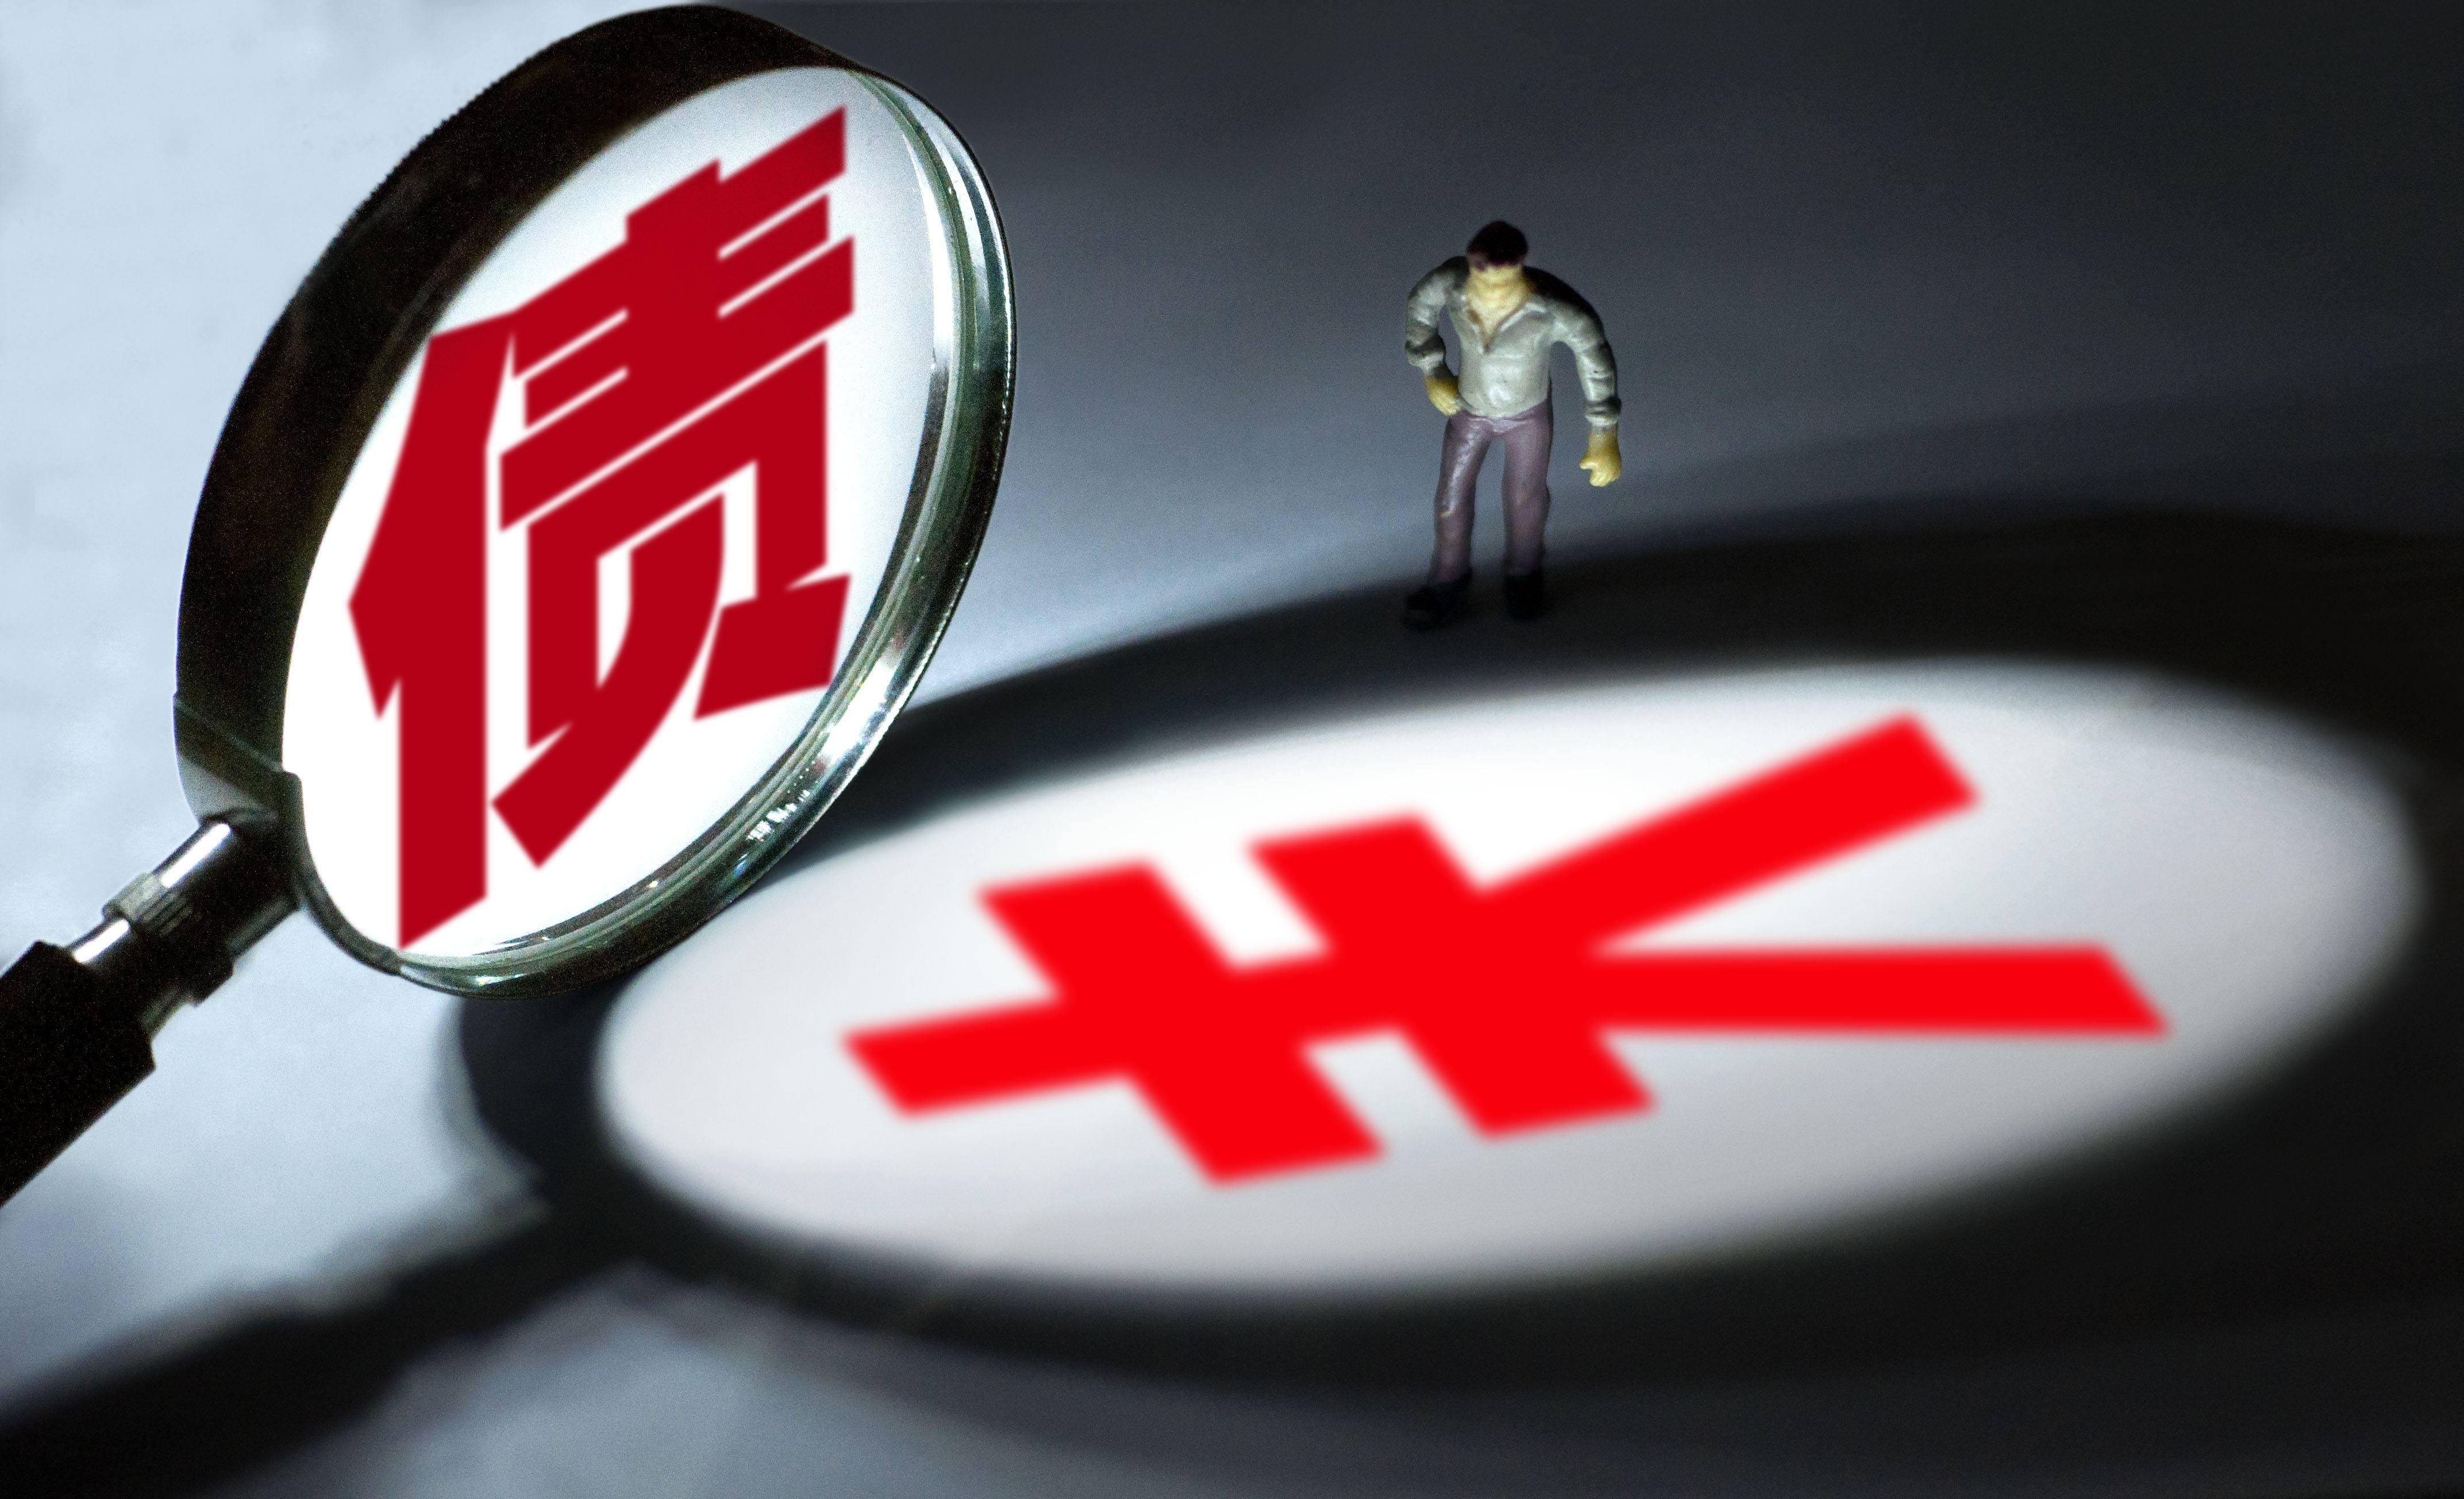 宋清辉:重整是挽救企业危机的最后法宝